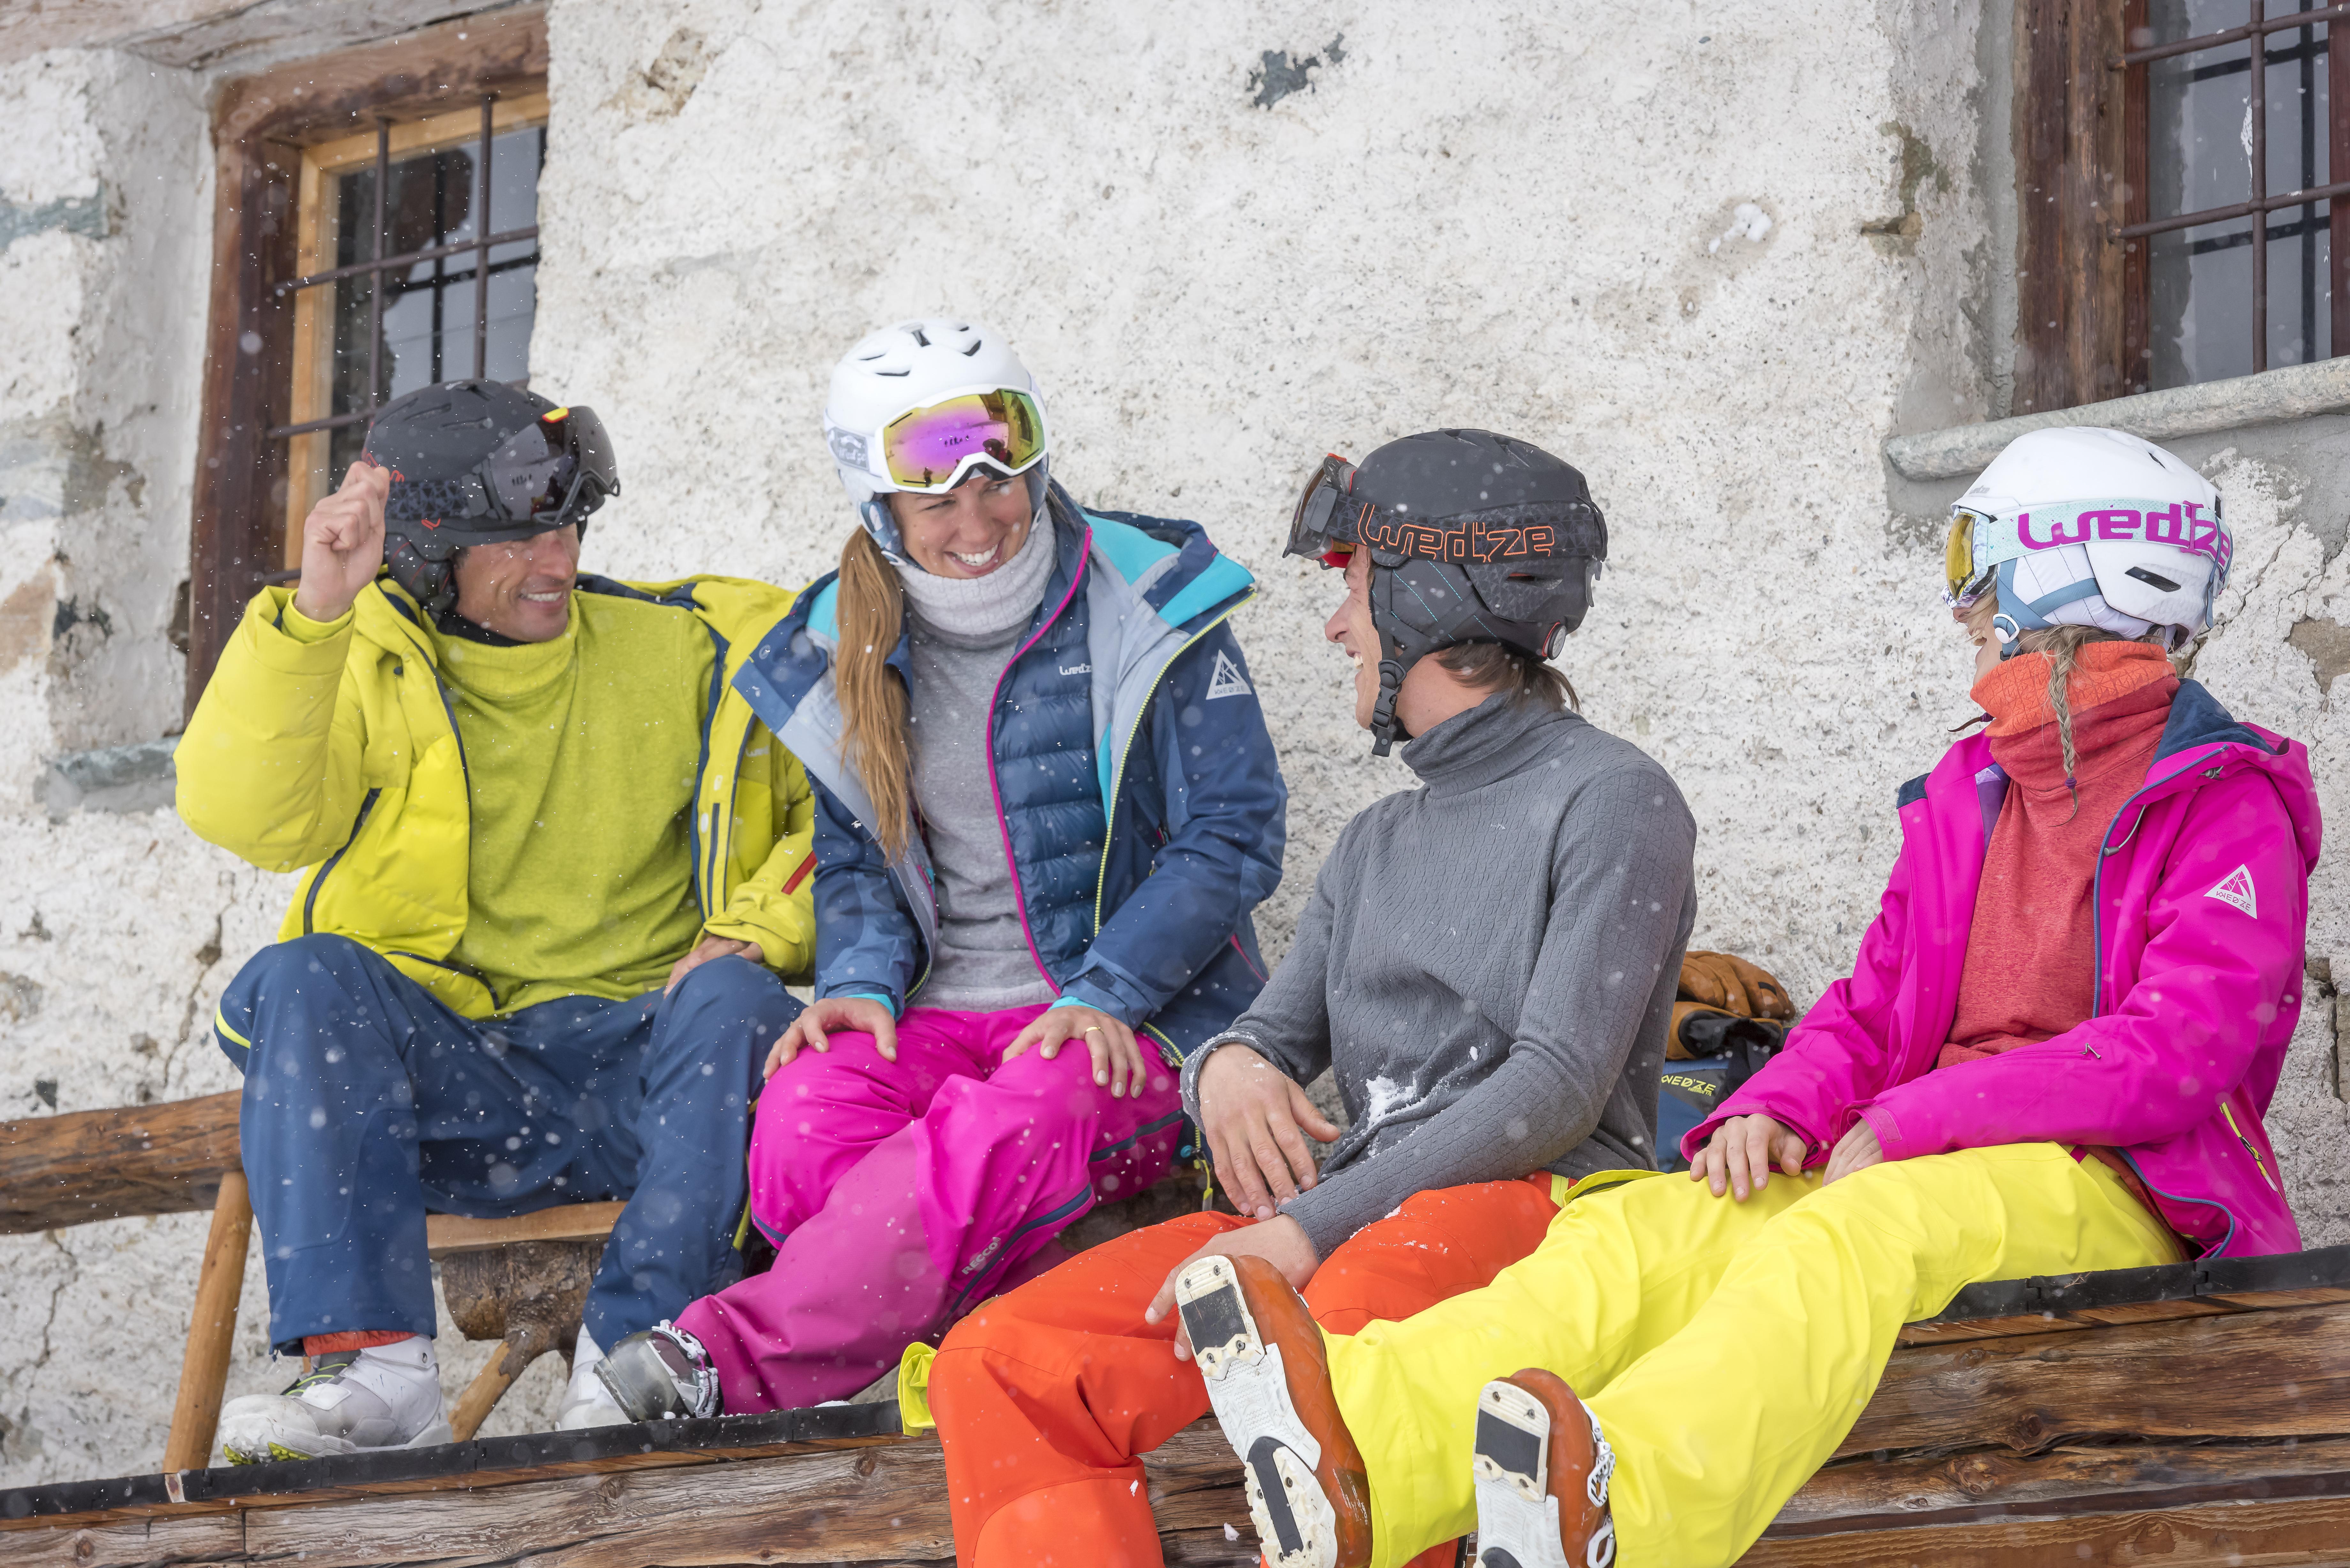 kayak kıyafetleri , kayak malzemeleri, kayak ekipmanları